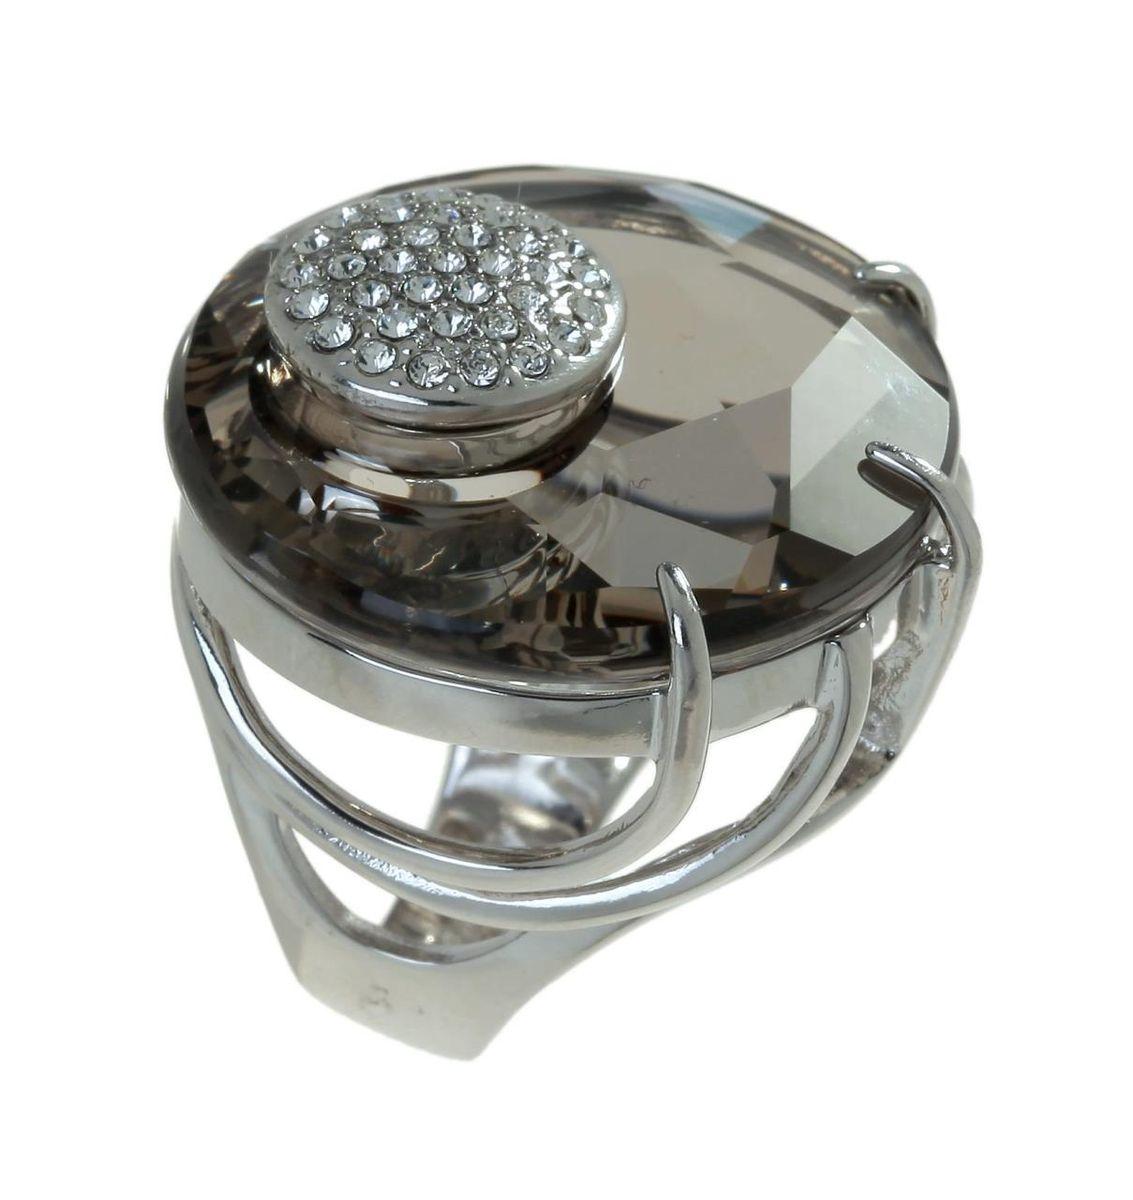 Кольцо Jenavi Коллекция Bubbles Ятру, цвет: серебряный, серый. j704f066. Размер 21j704f066Коллекция Bubbles, Ятру (Кольцо) гипоаллергенный ювелирный сплав,Серебрение c род. , вставка Кристаллы Swarovski , цвет - серебряный, серый, размер - 21 избегать взаимодействия с водой и химическими средствами